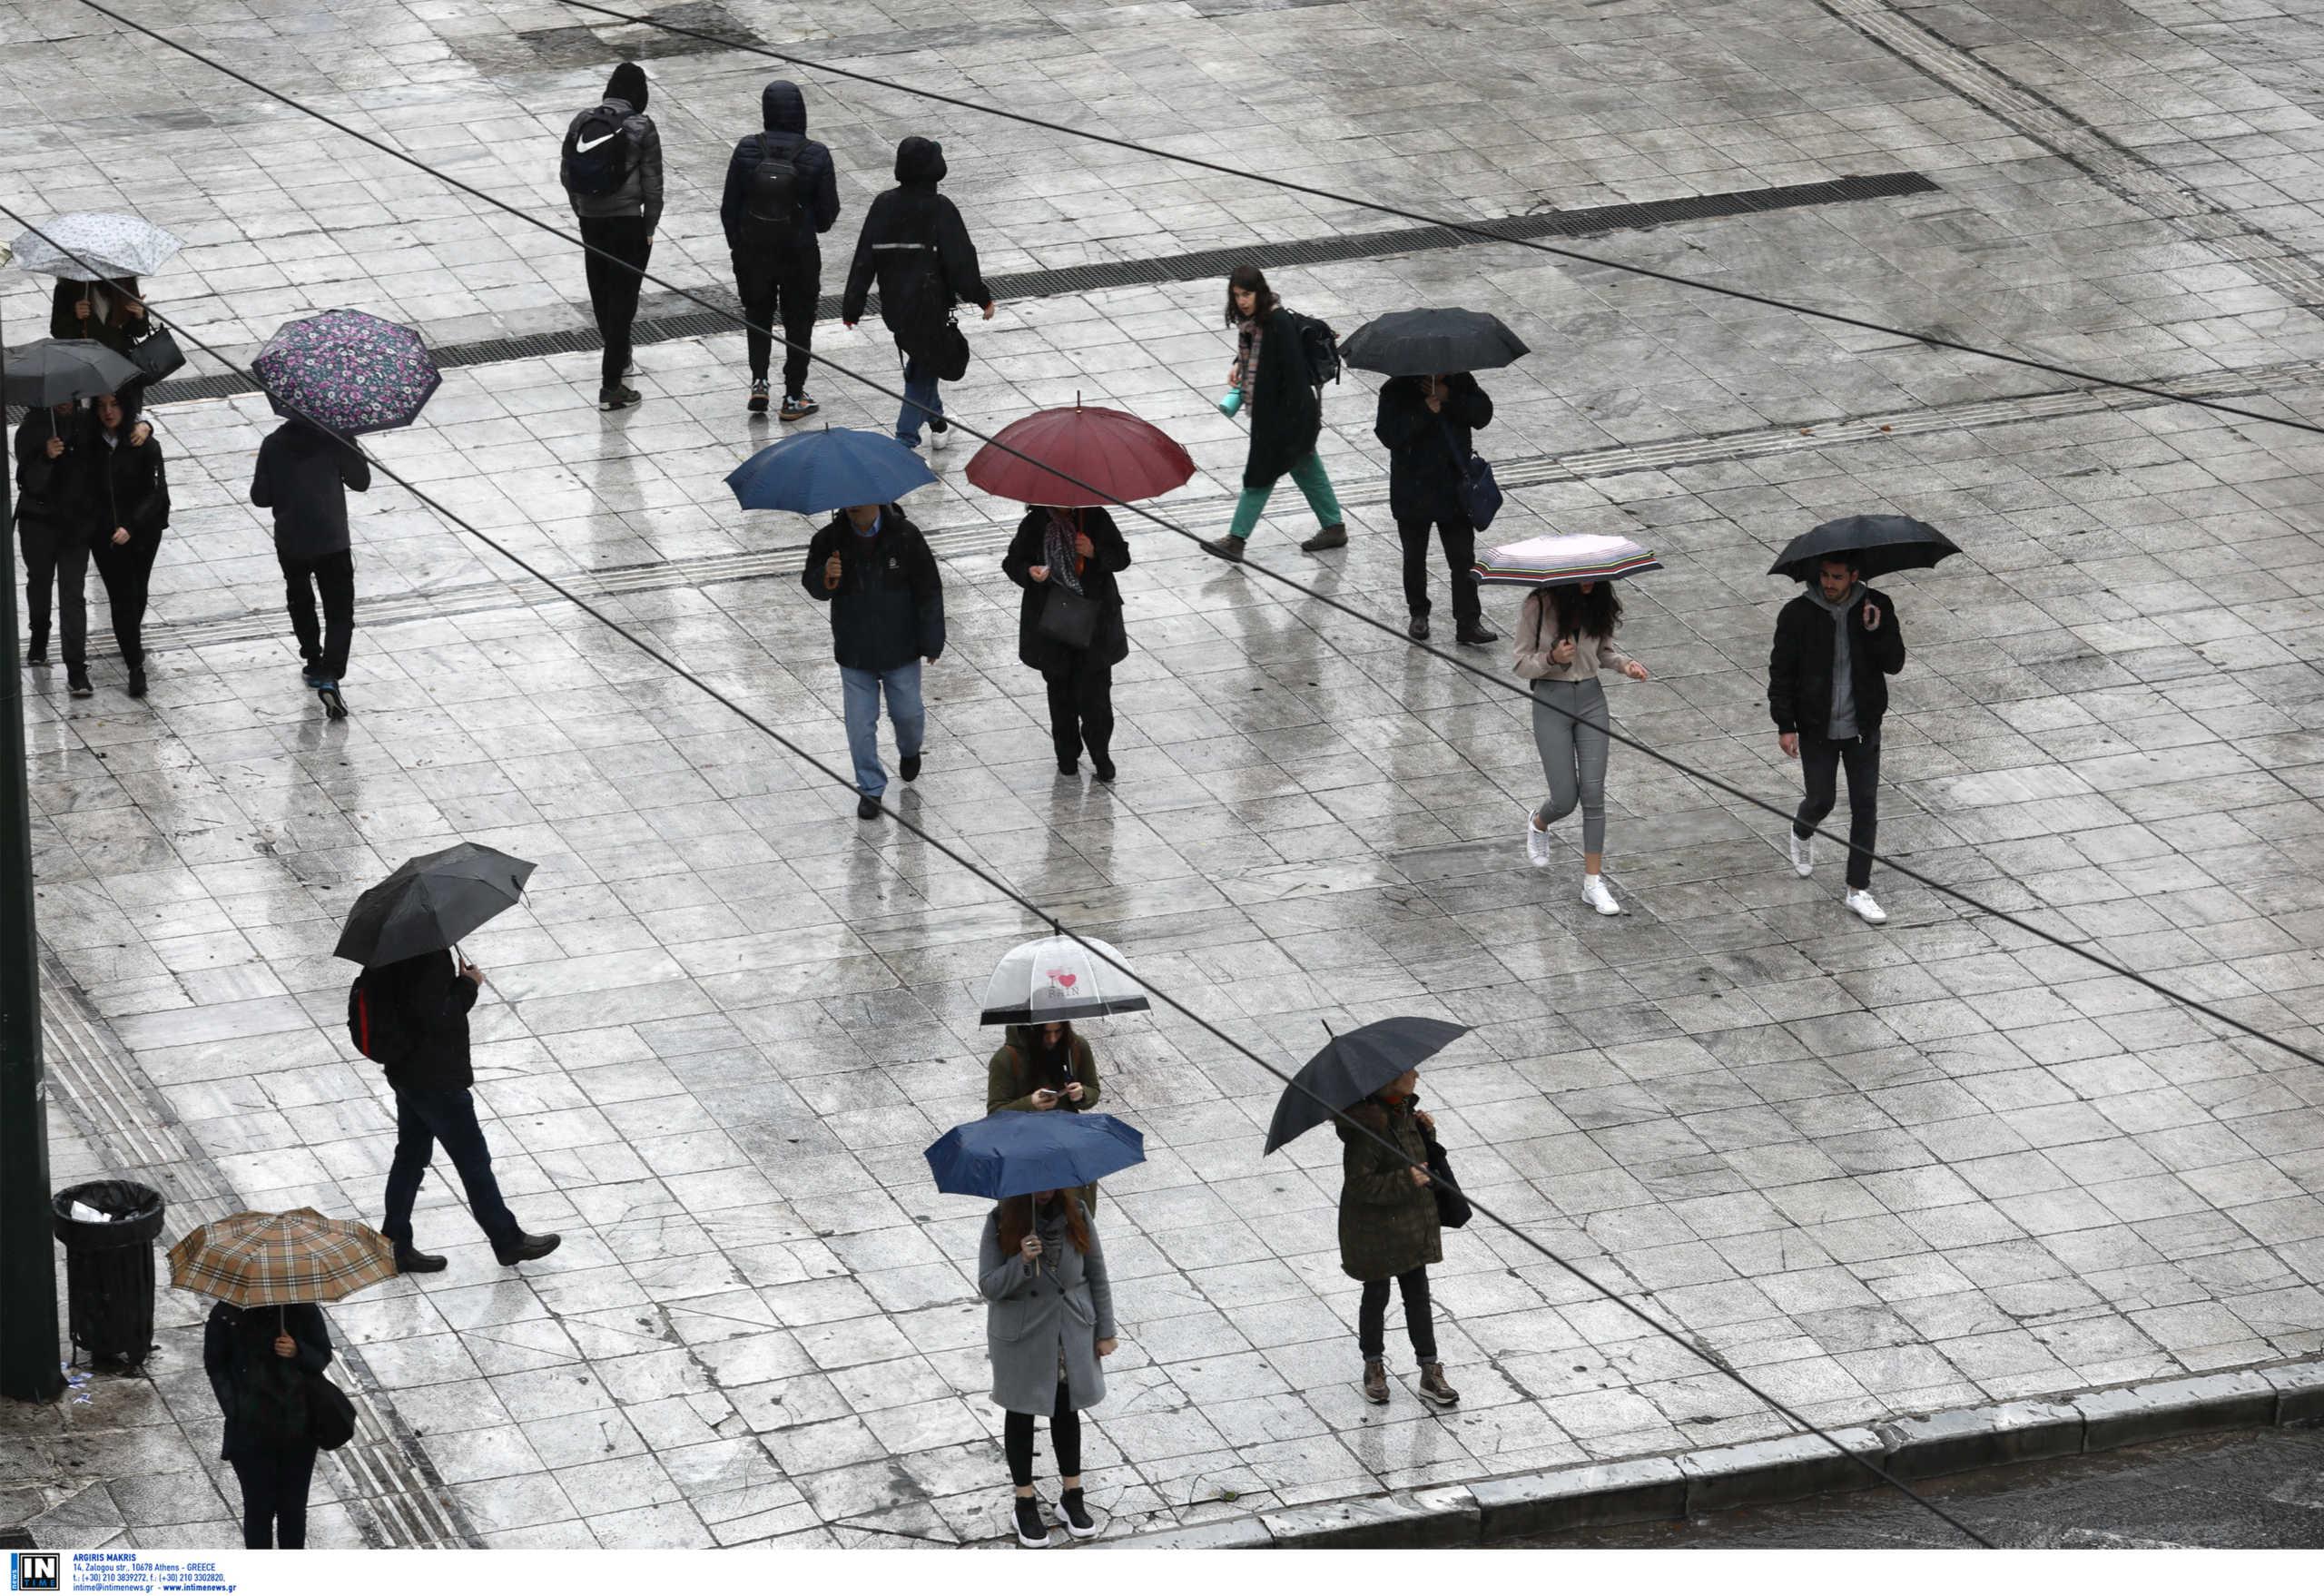 Καιρός σήμερα: Βροχερό το σκηνικό – Πού θα έχουμε καταιγίδες